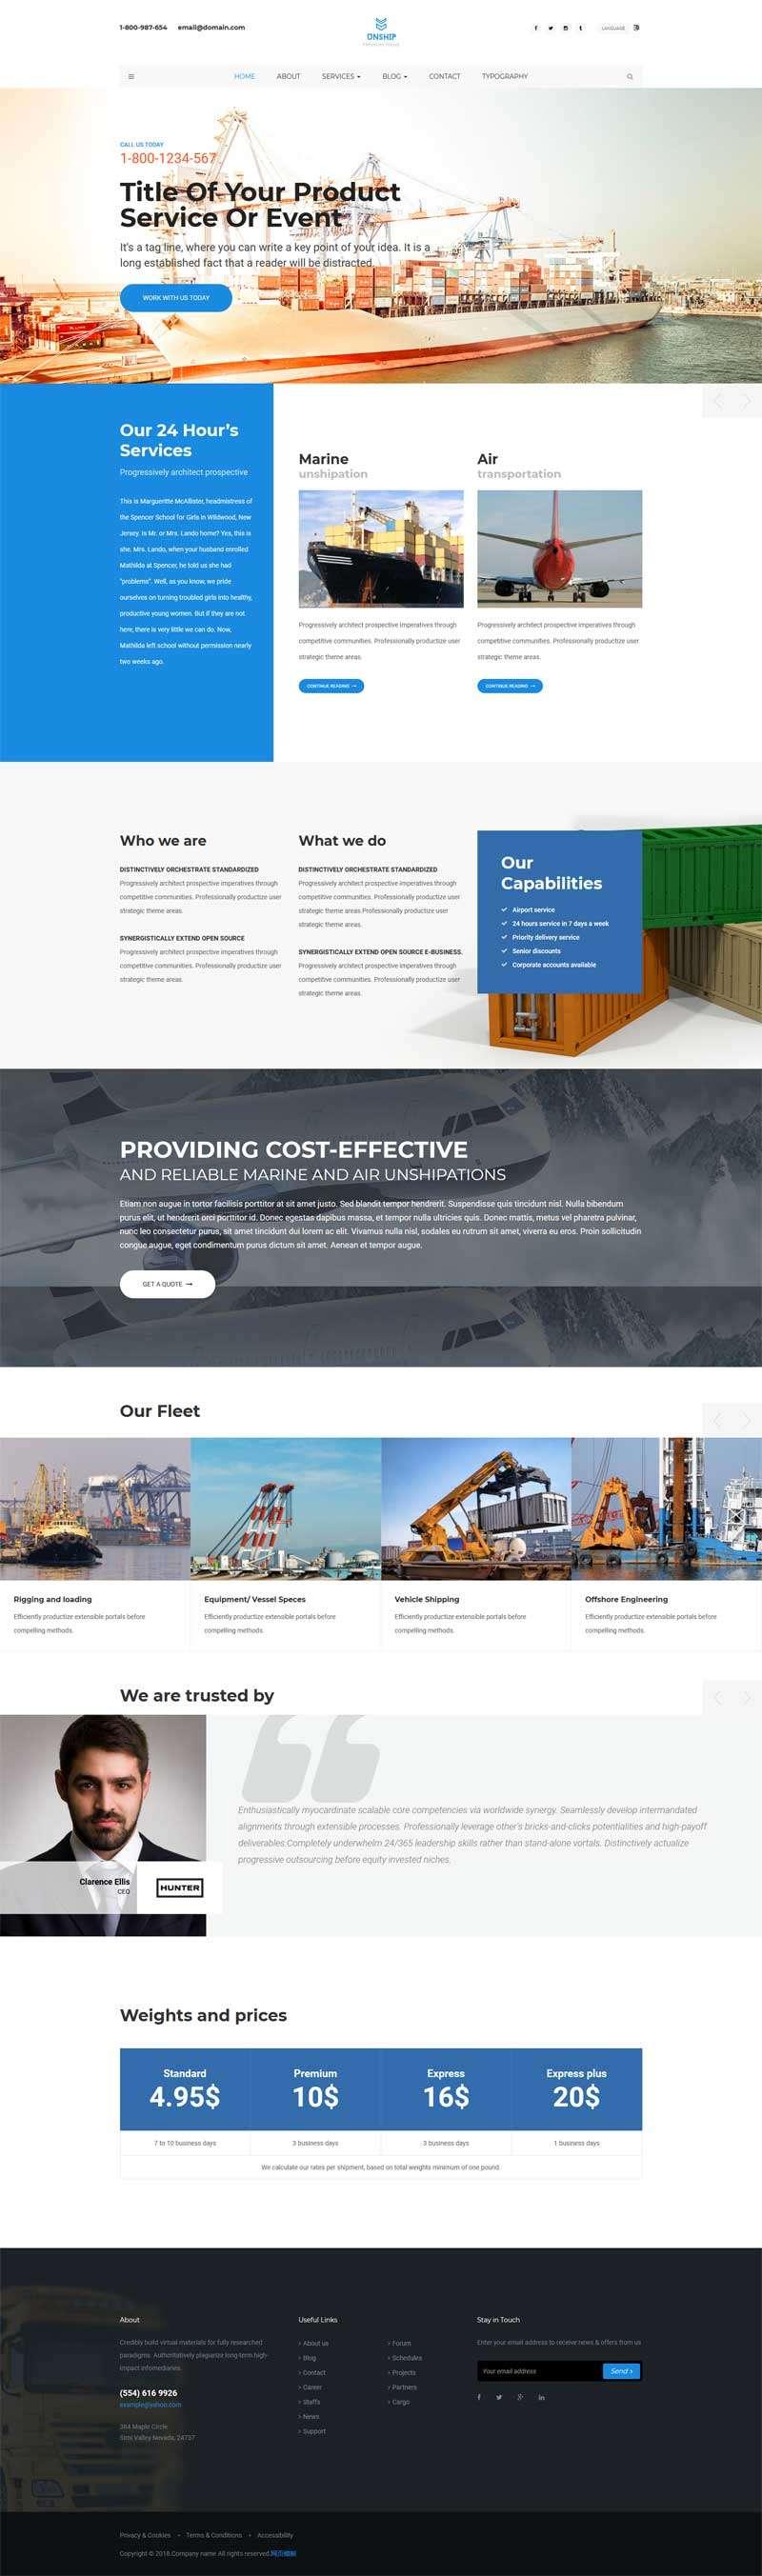 宽屏的港口海运集装箱物流公司网站模板